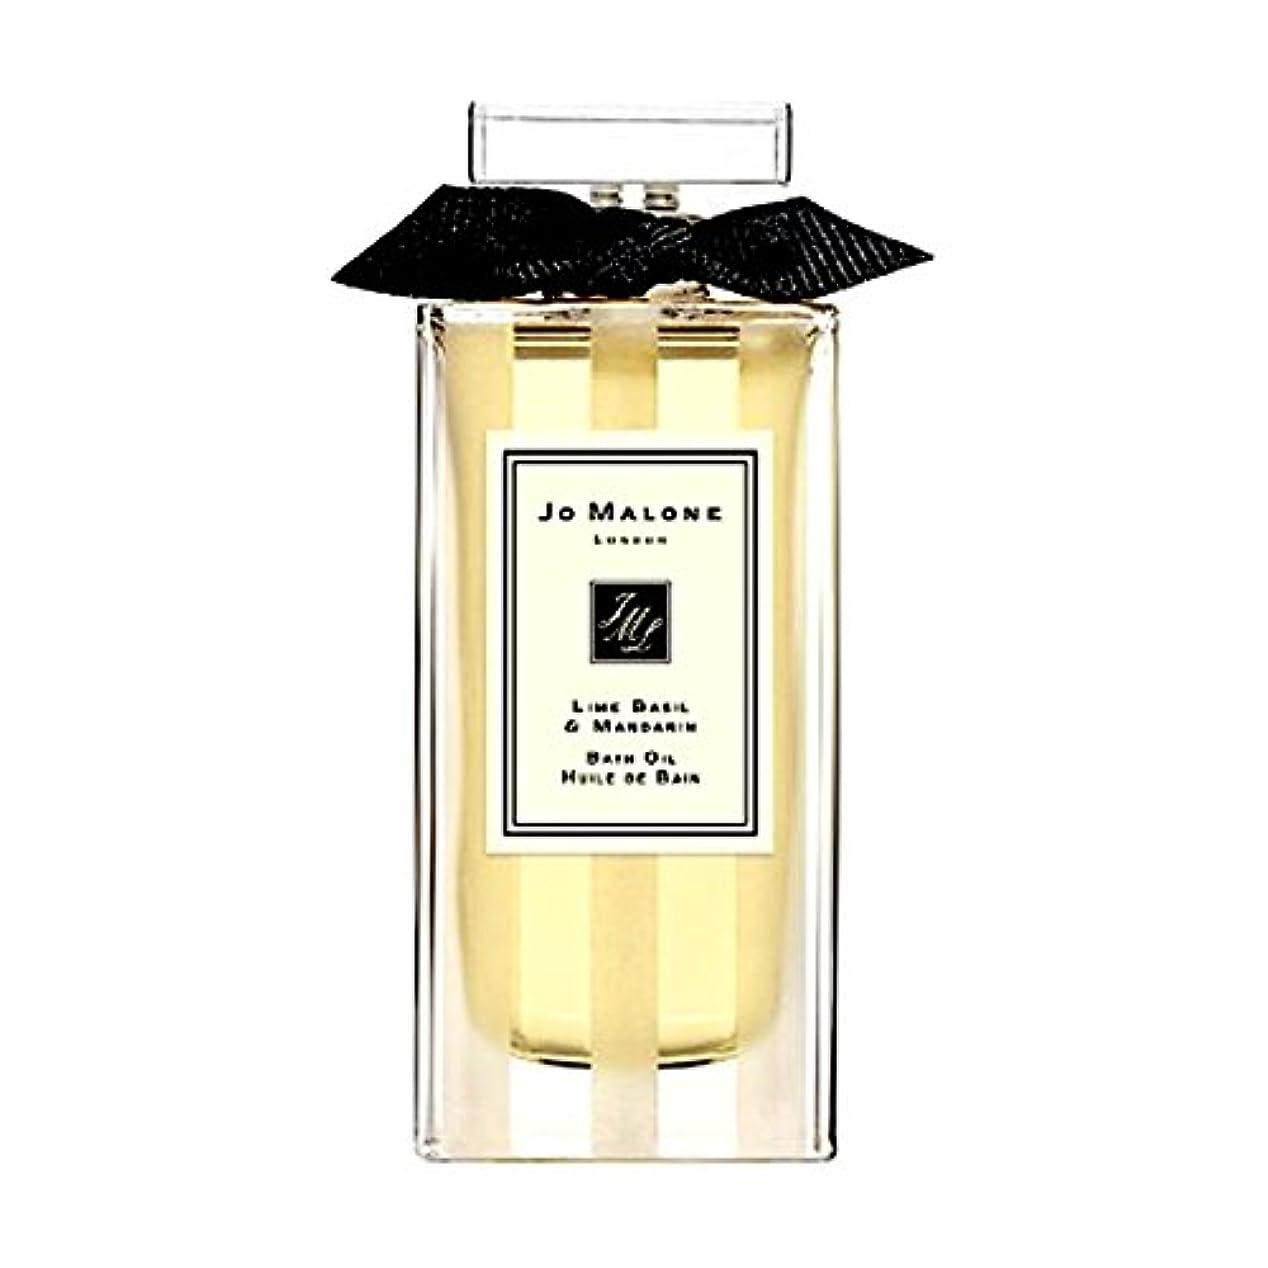 ふさわしいフォーカス権威Jo Maloneジョーマローン, バスオイル -ライムバジル&マンダリン (30ml),' Lime Basil & Mandarin' Bath Oil (1oz) [海外直送品] [並行輸入品]